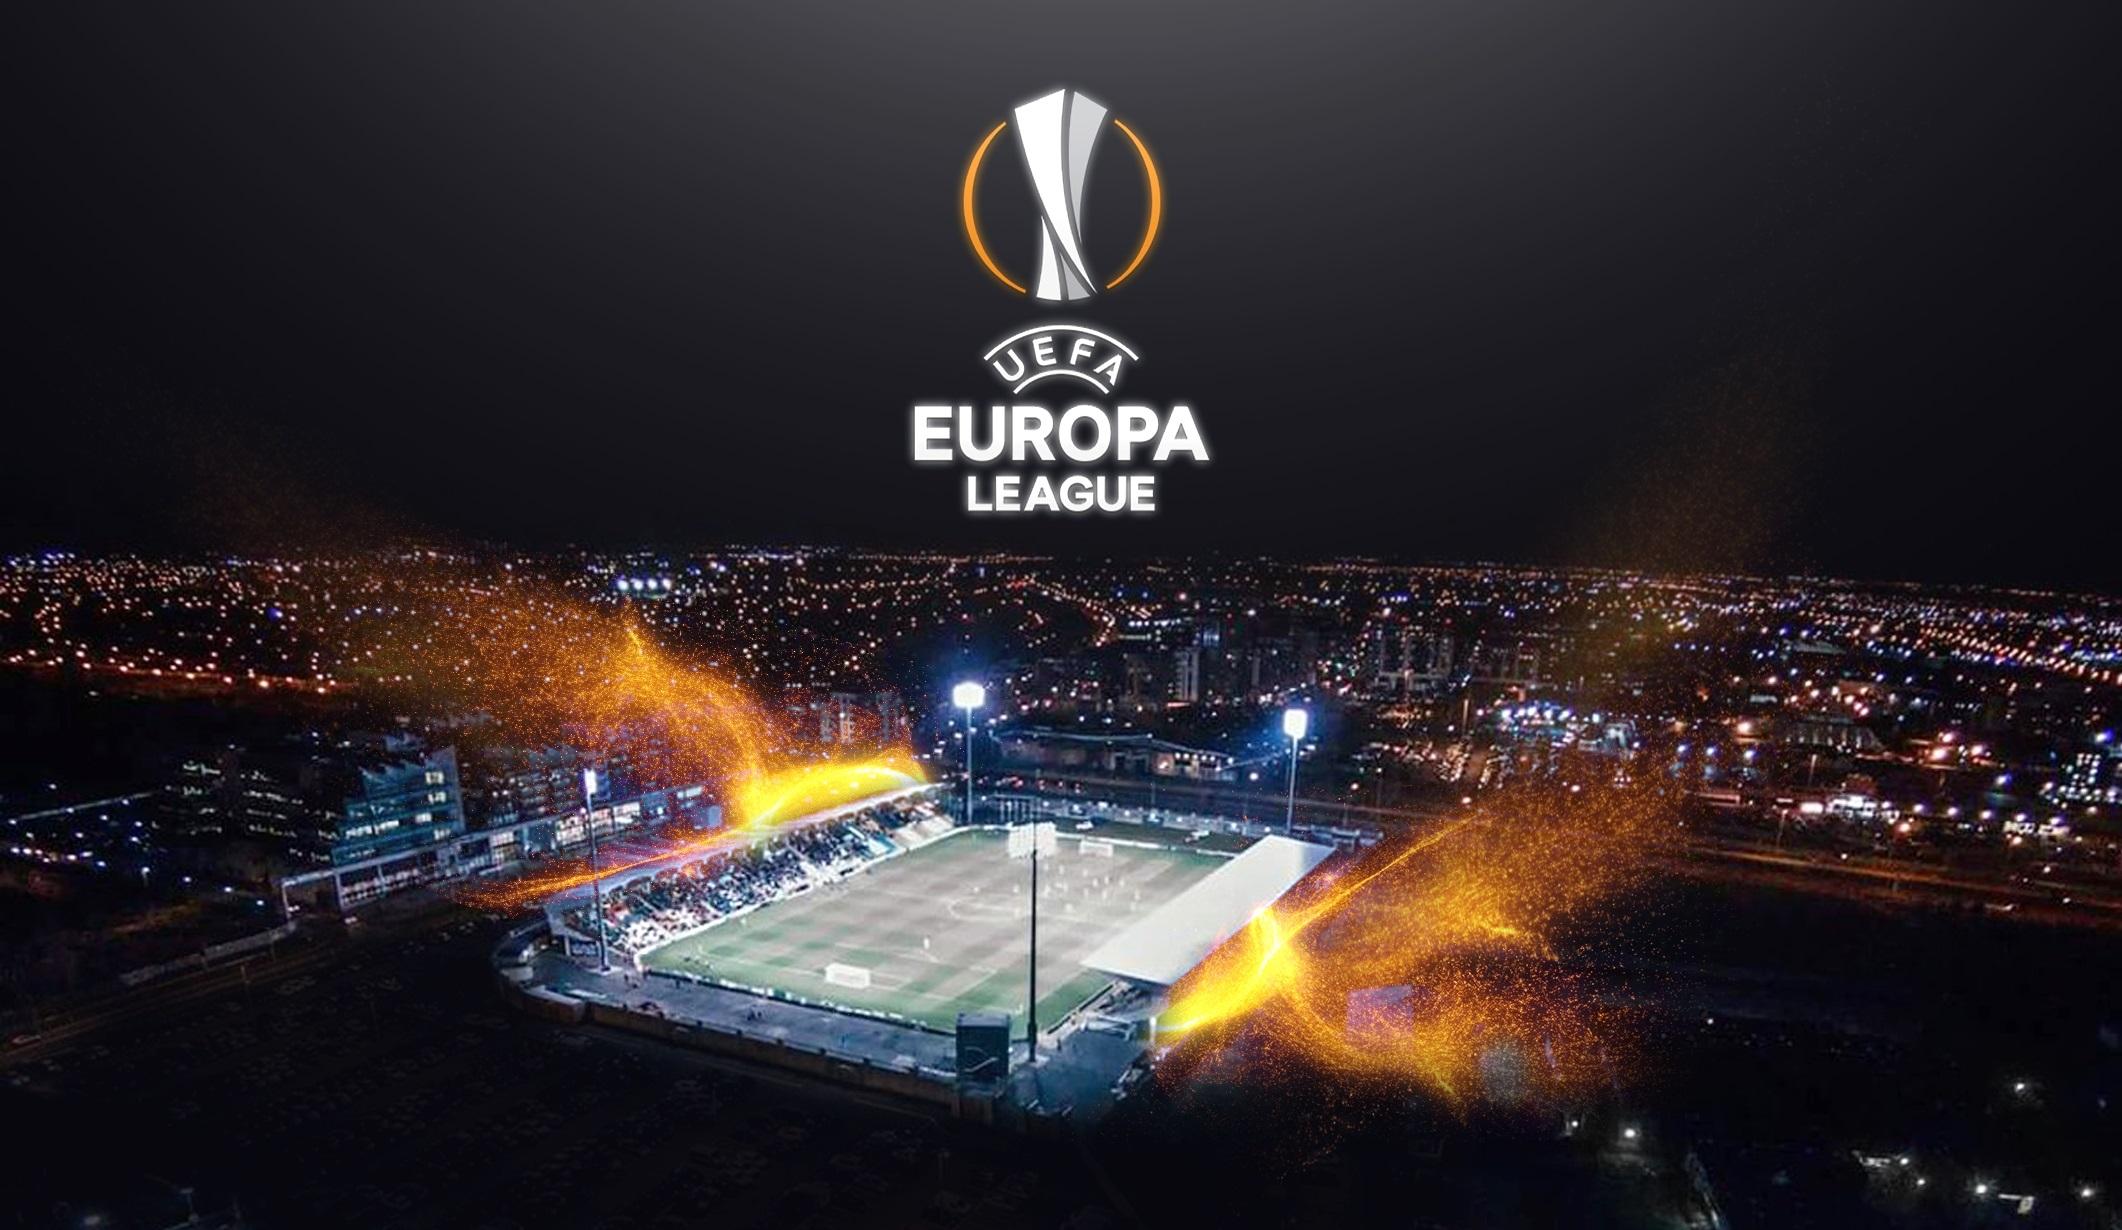 Cu propunerile 4 pentru Europa League!